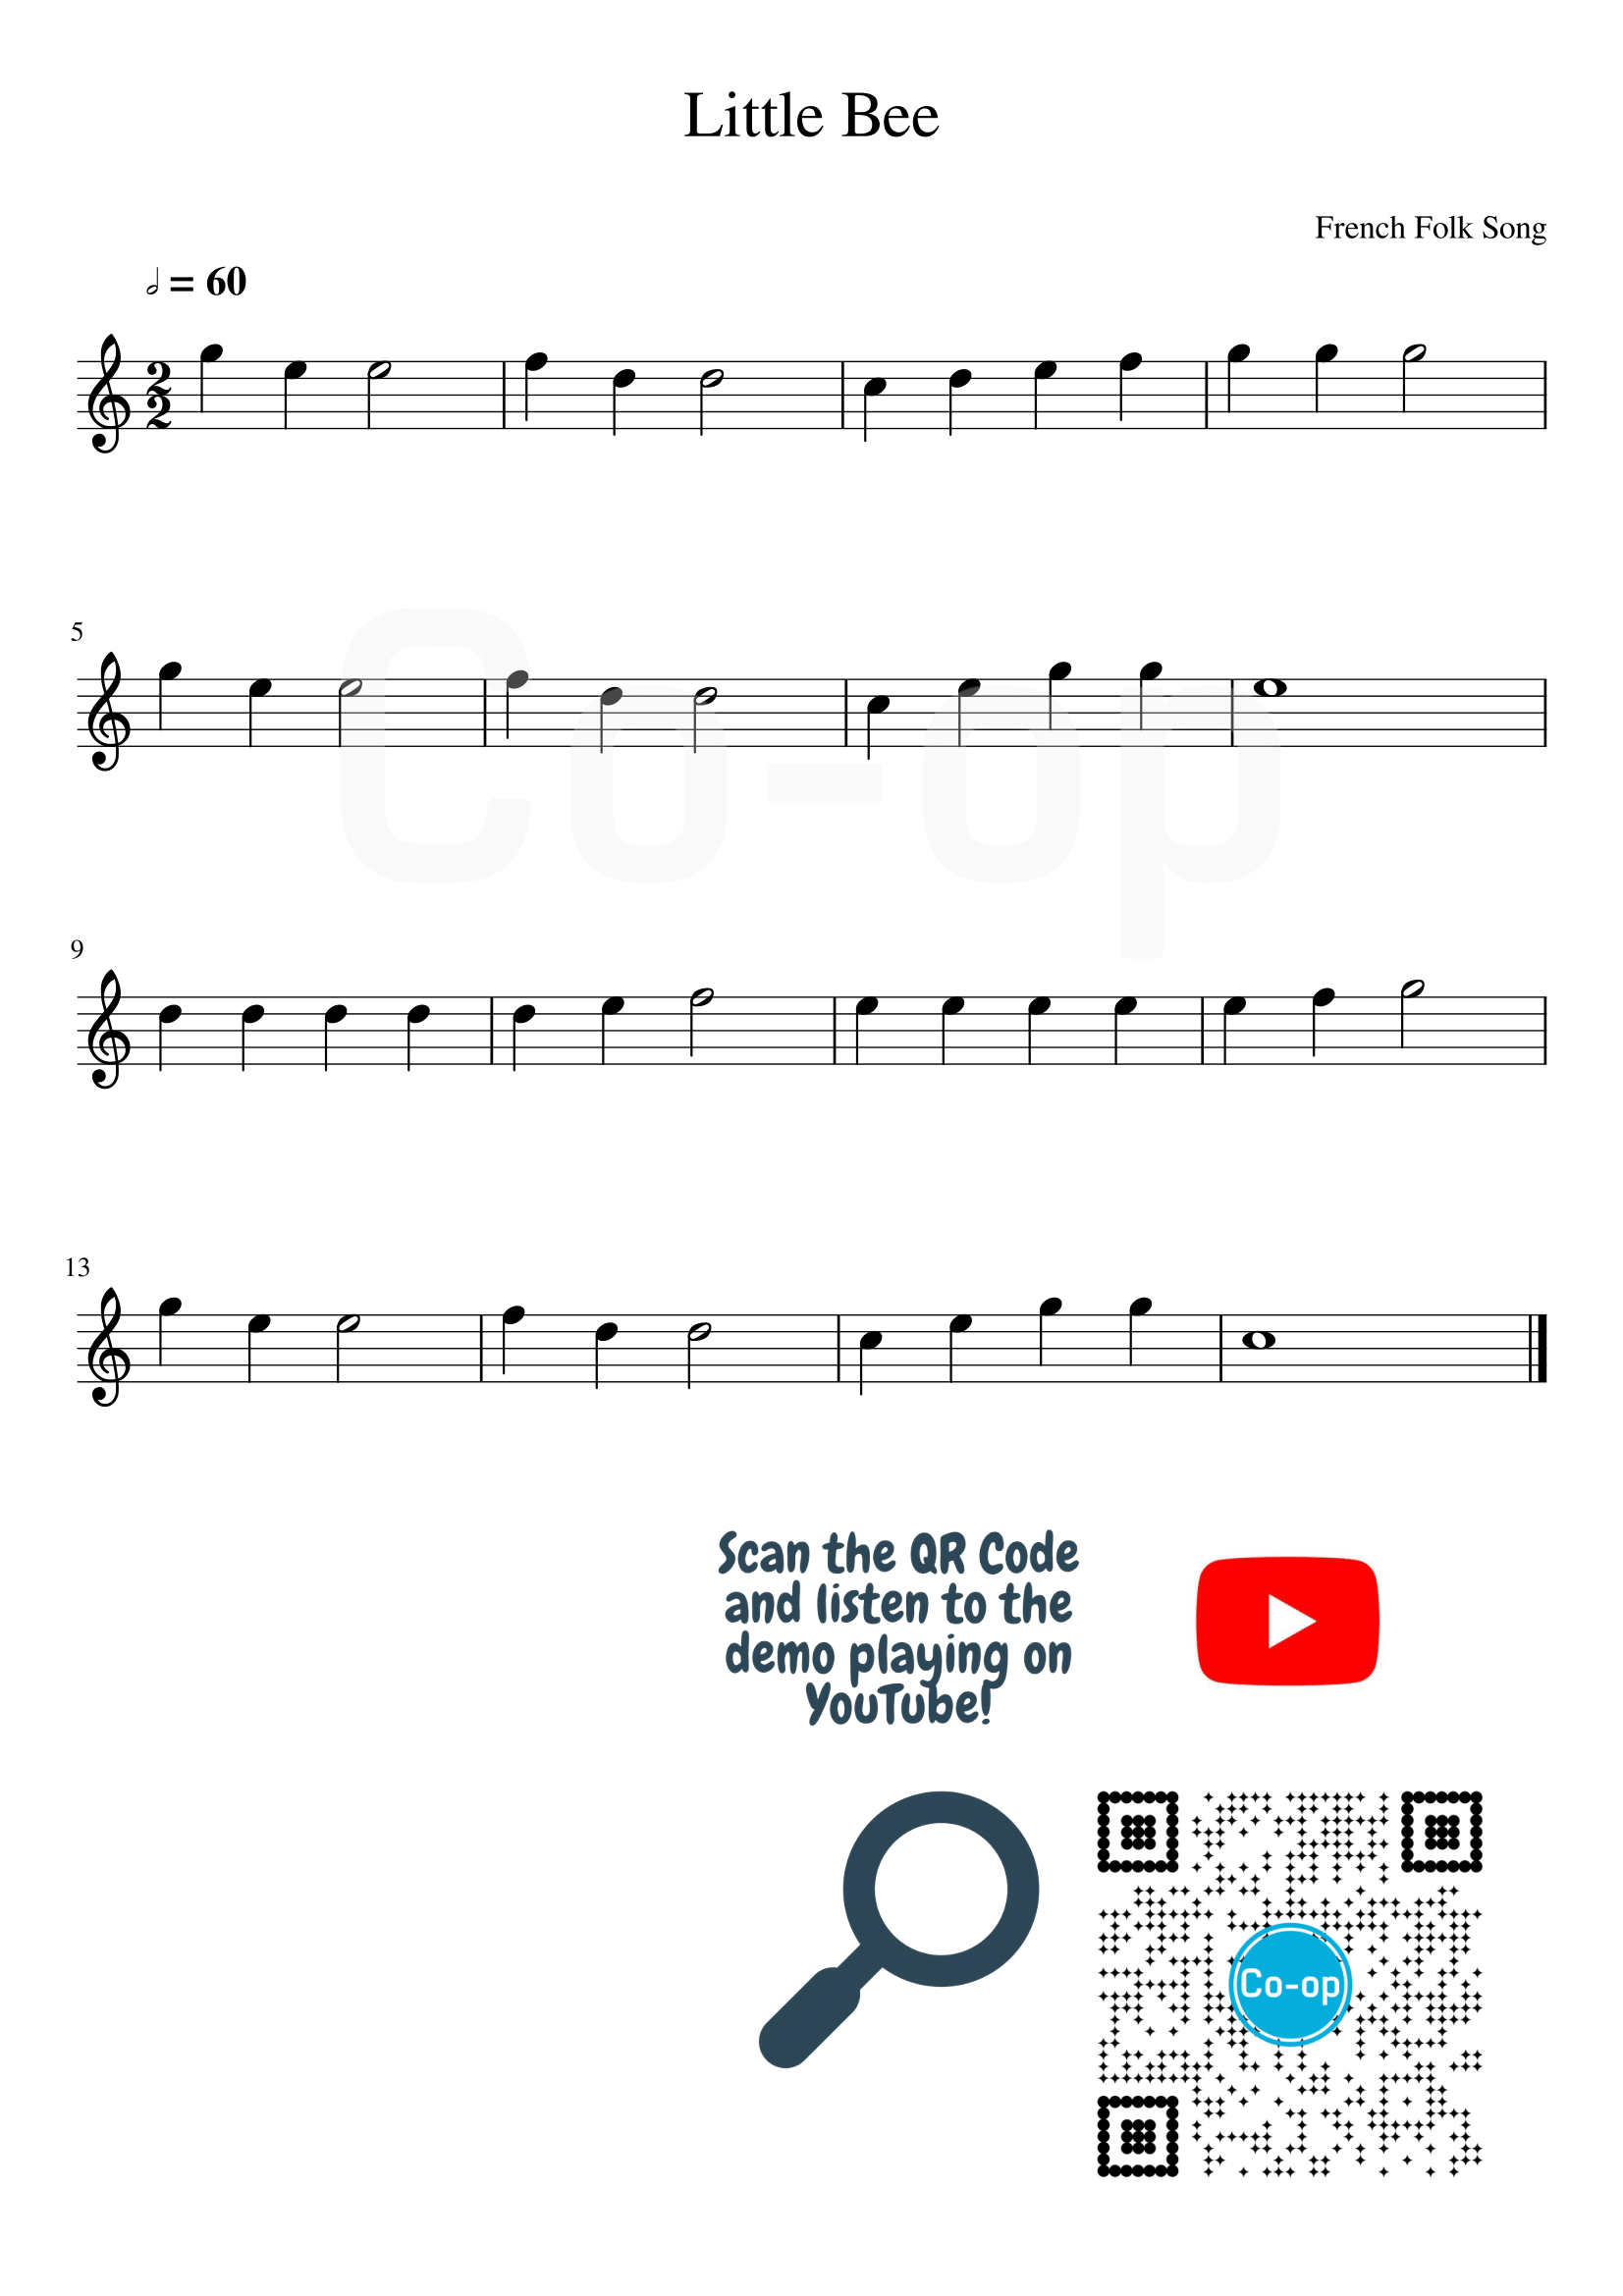 Little Bee | Staff Notation | Free Sheet Music